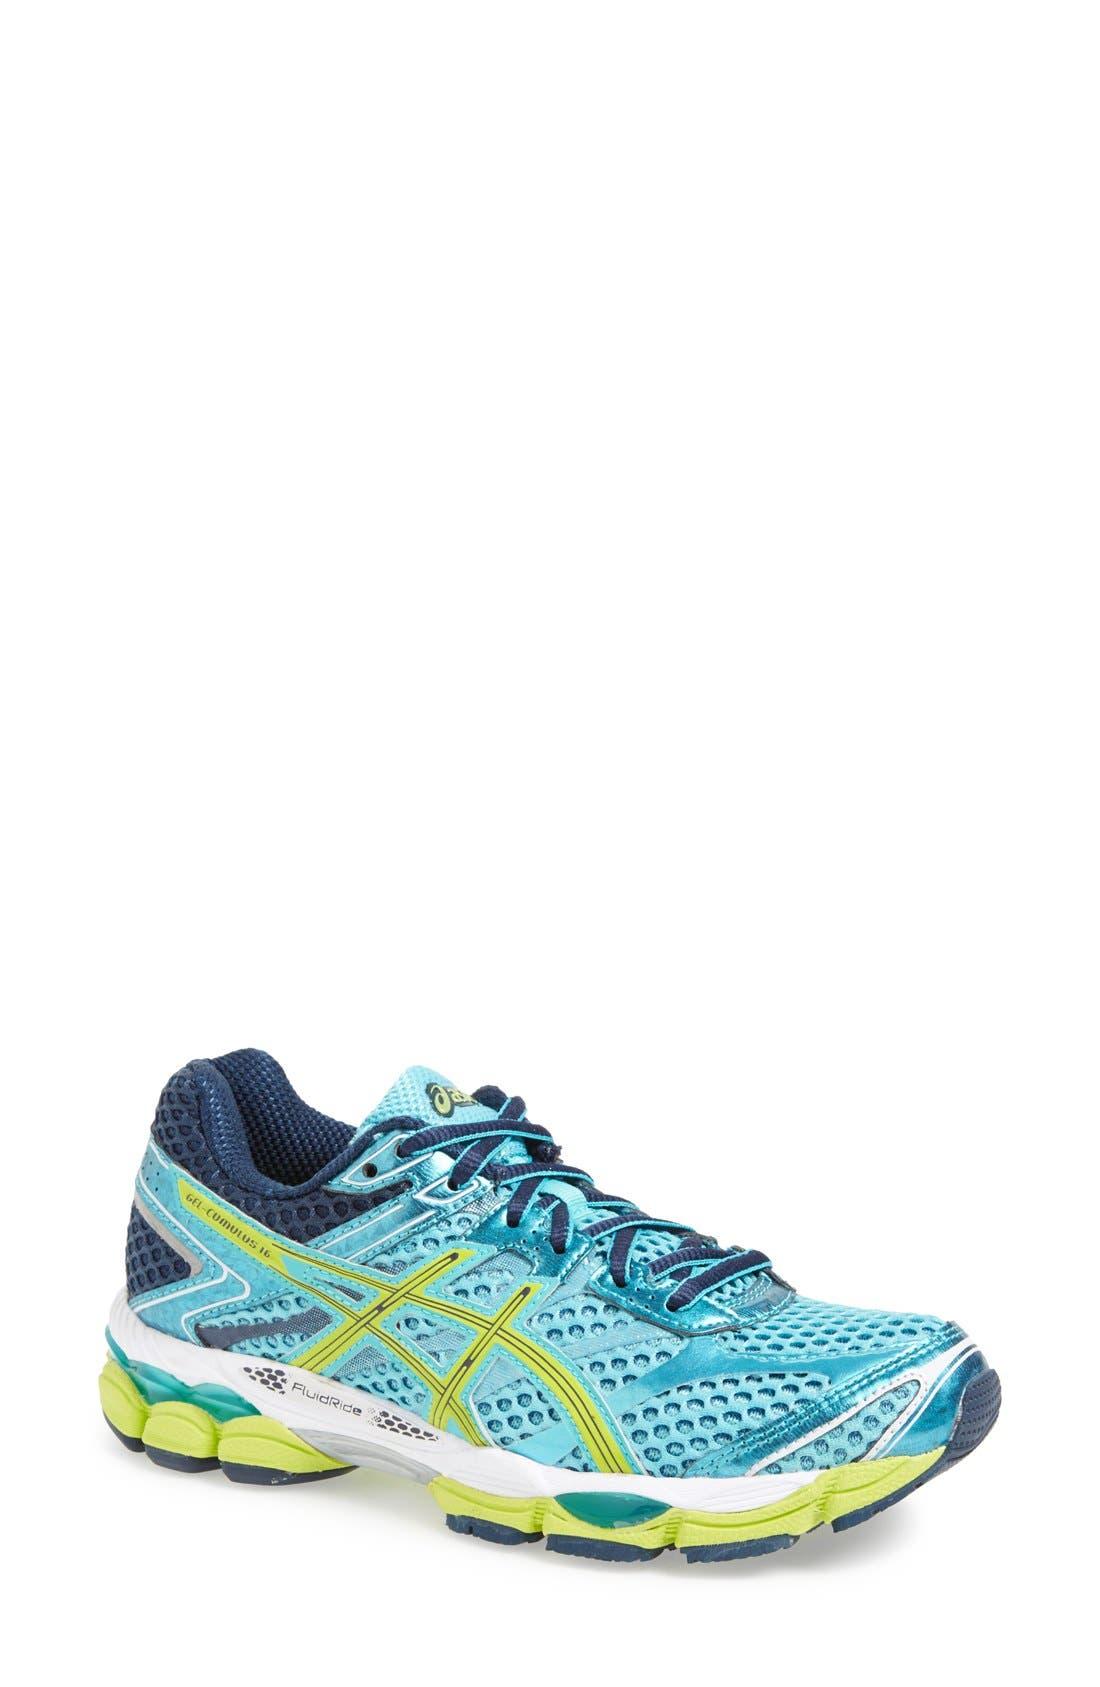 Main Image - ASICS® 'GEL-Cumulus® 16' Running Shoe (Women)